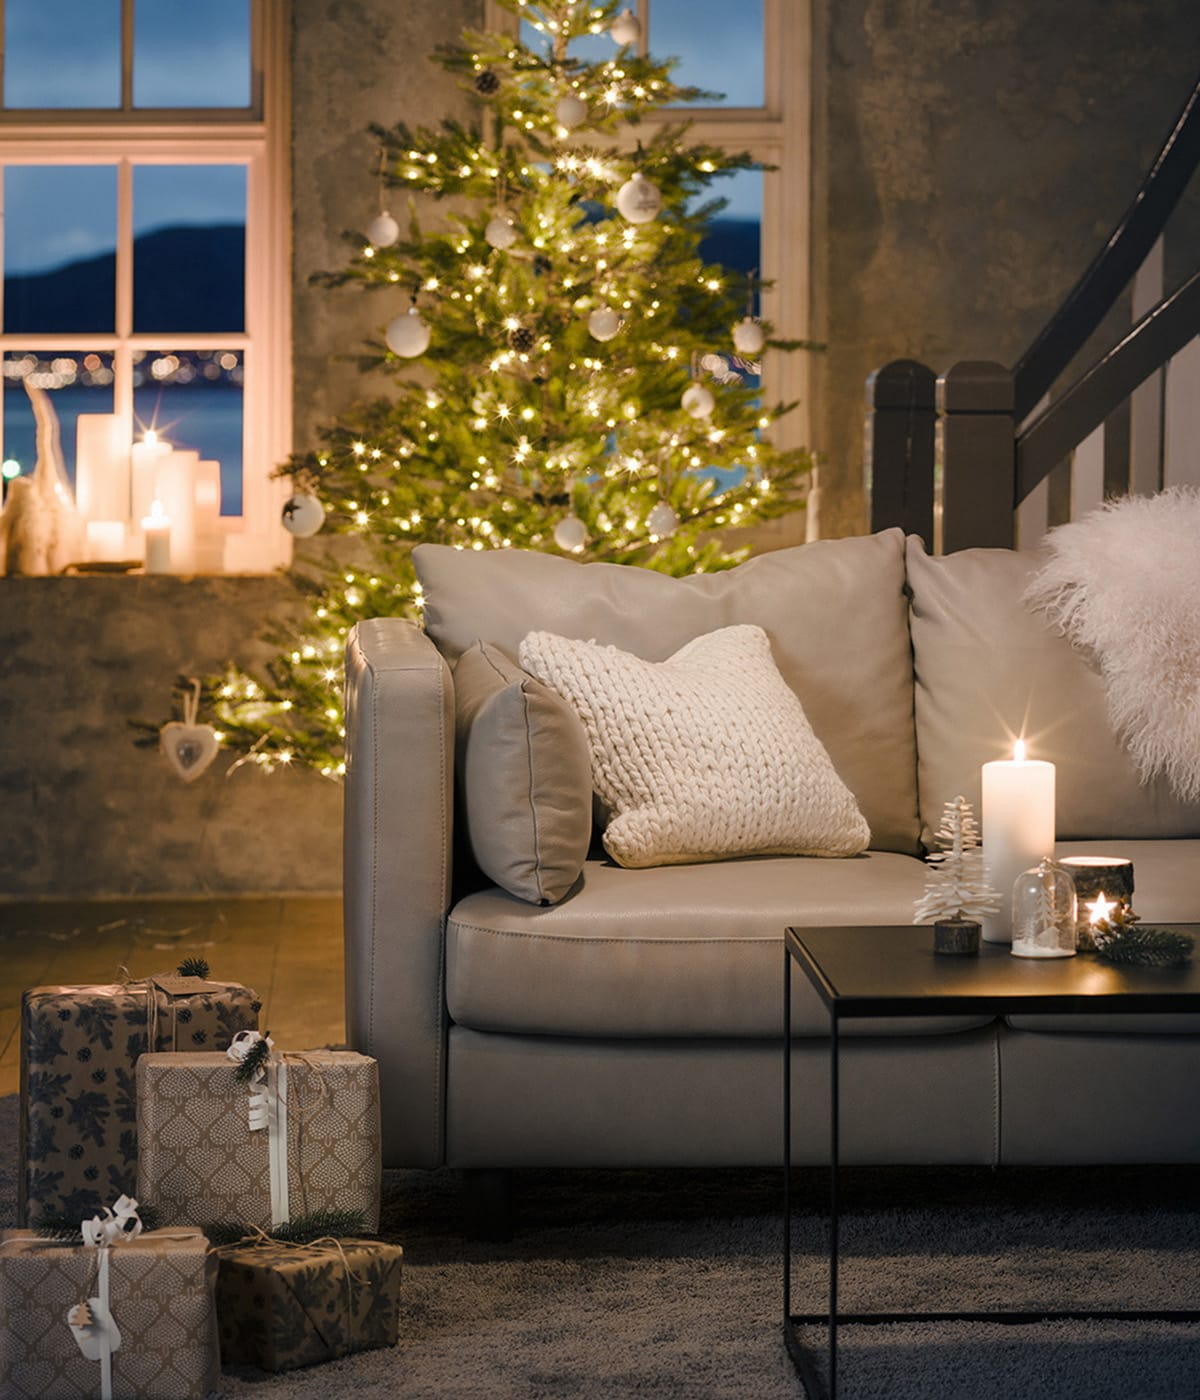 Schöne Weihnachtsdekoration und ein Stressless Sofa – so wird Weihnachten ganz entspannt.